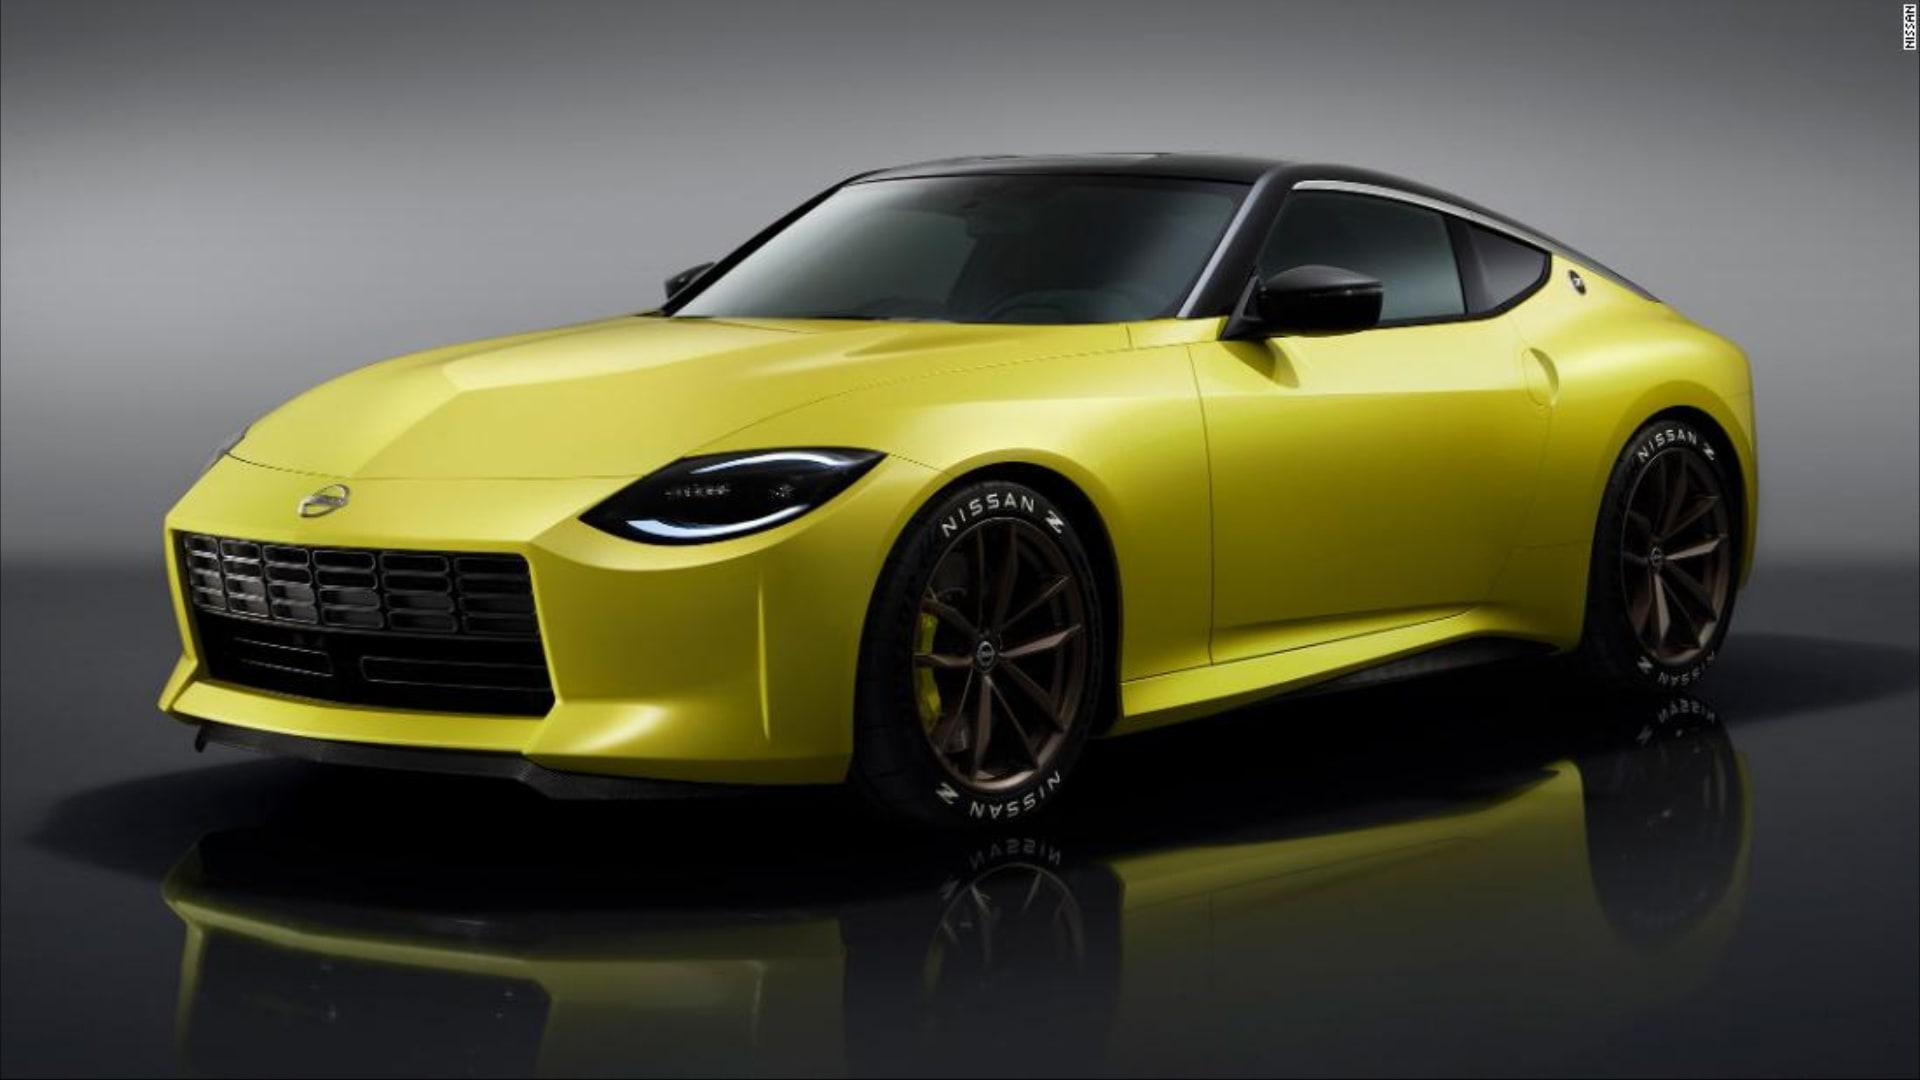 لأول مرة منذ أكثر من عقد.. نيسان تكشف عن سيارة رياضية من فئة Z